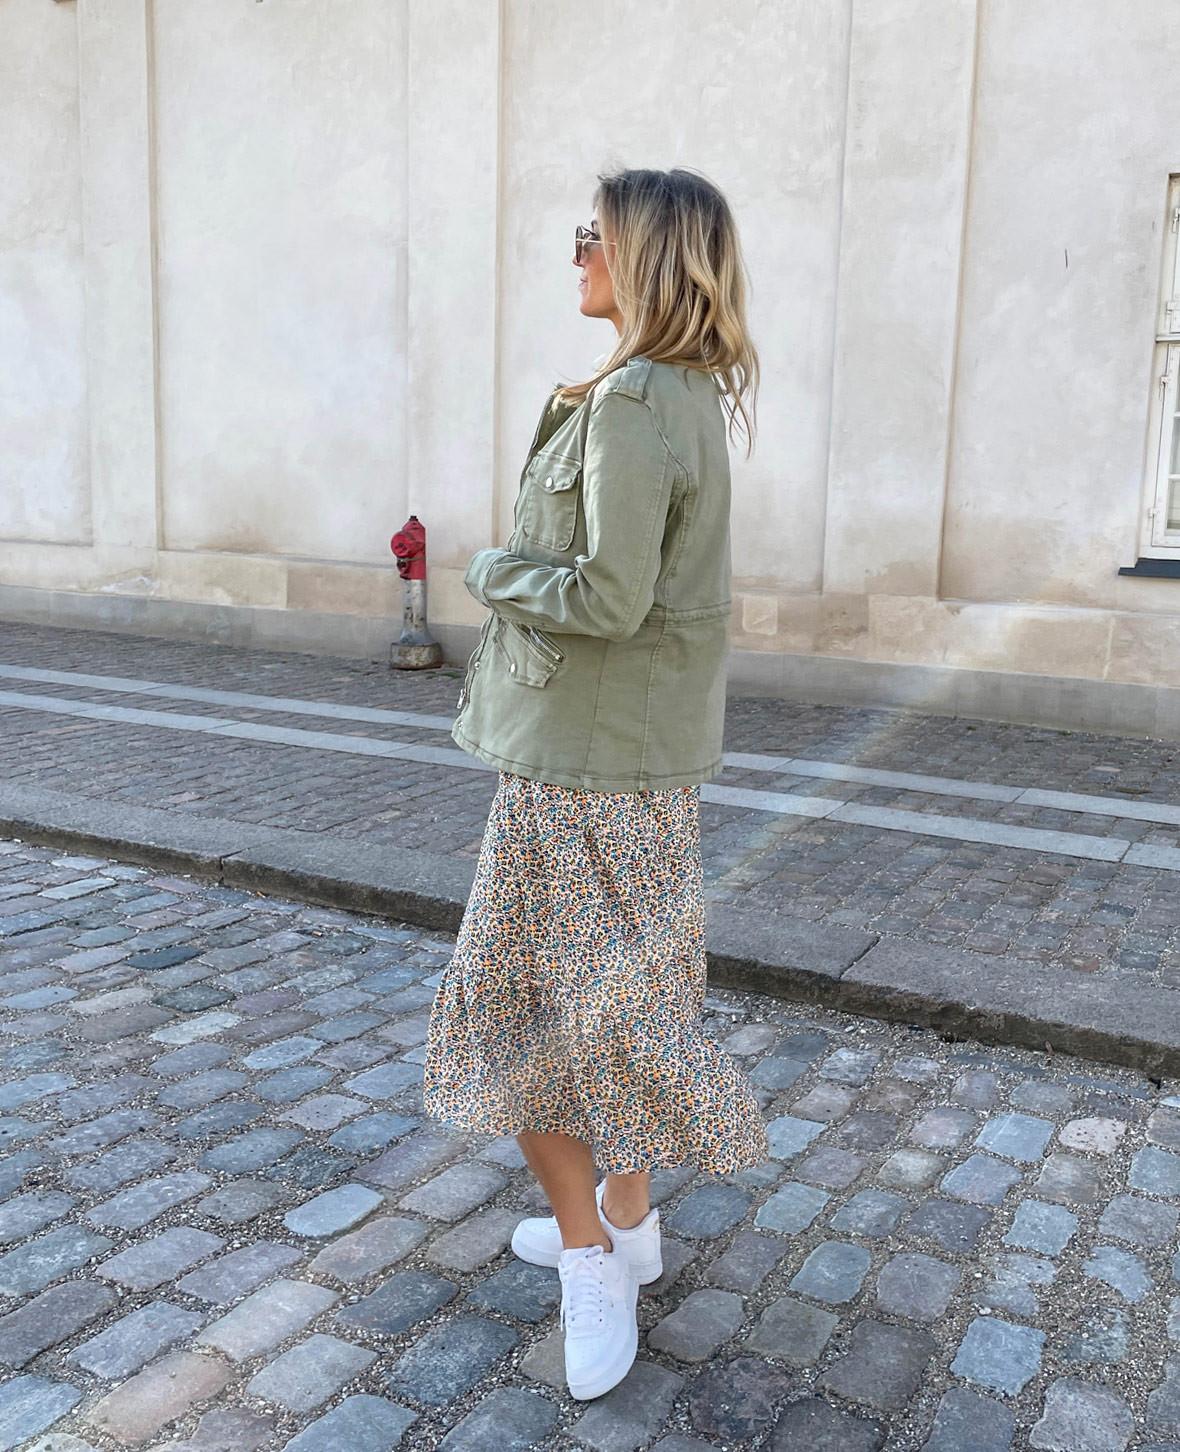 kjoler_2021.jpg